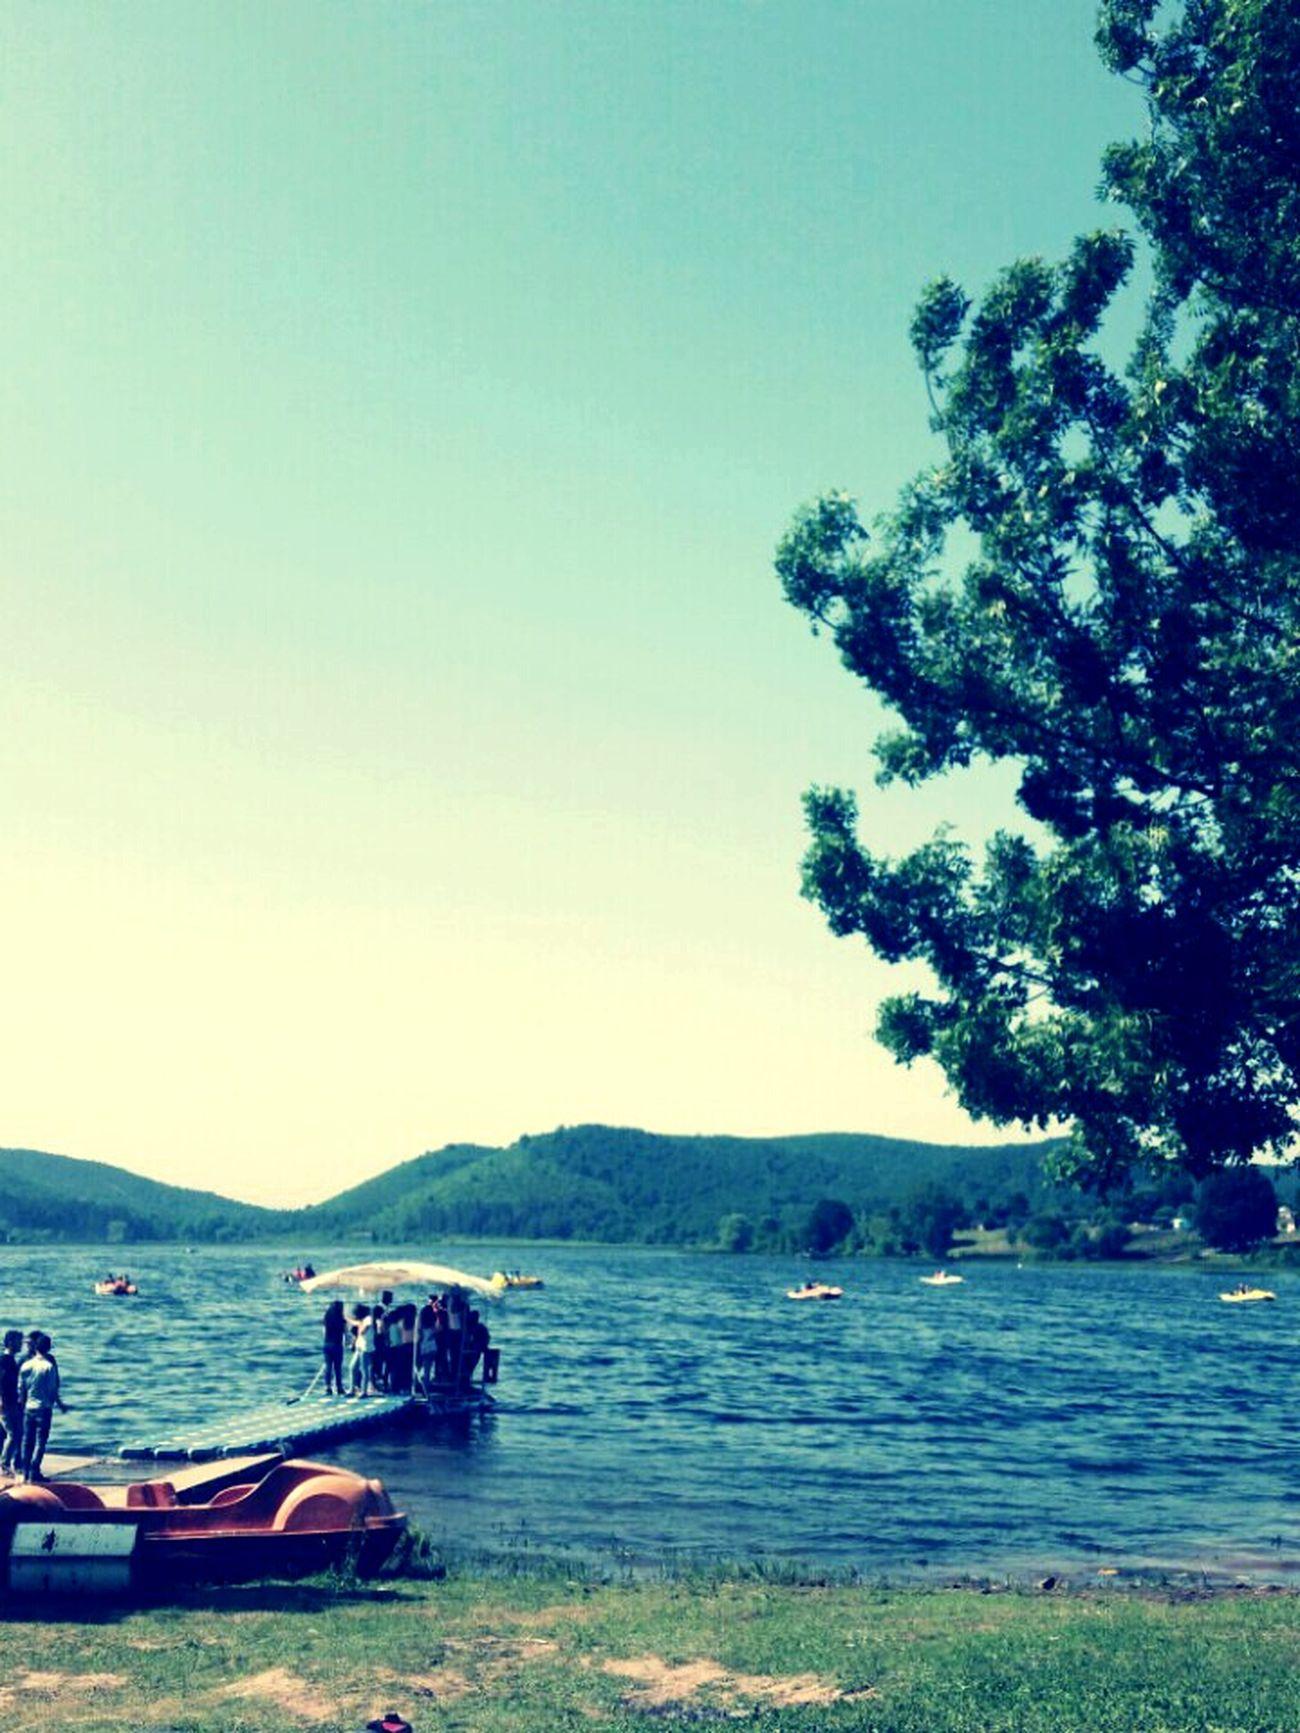 Poyrazlargölü Piknik Naturel Lake View Lake Sakarya